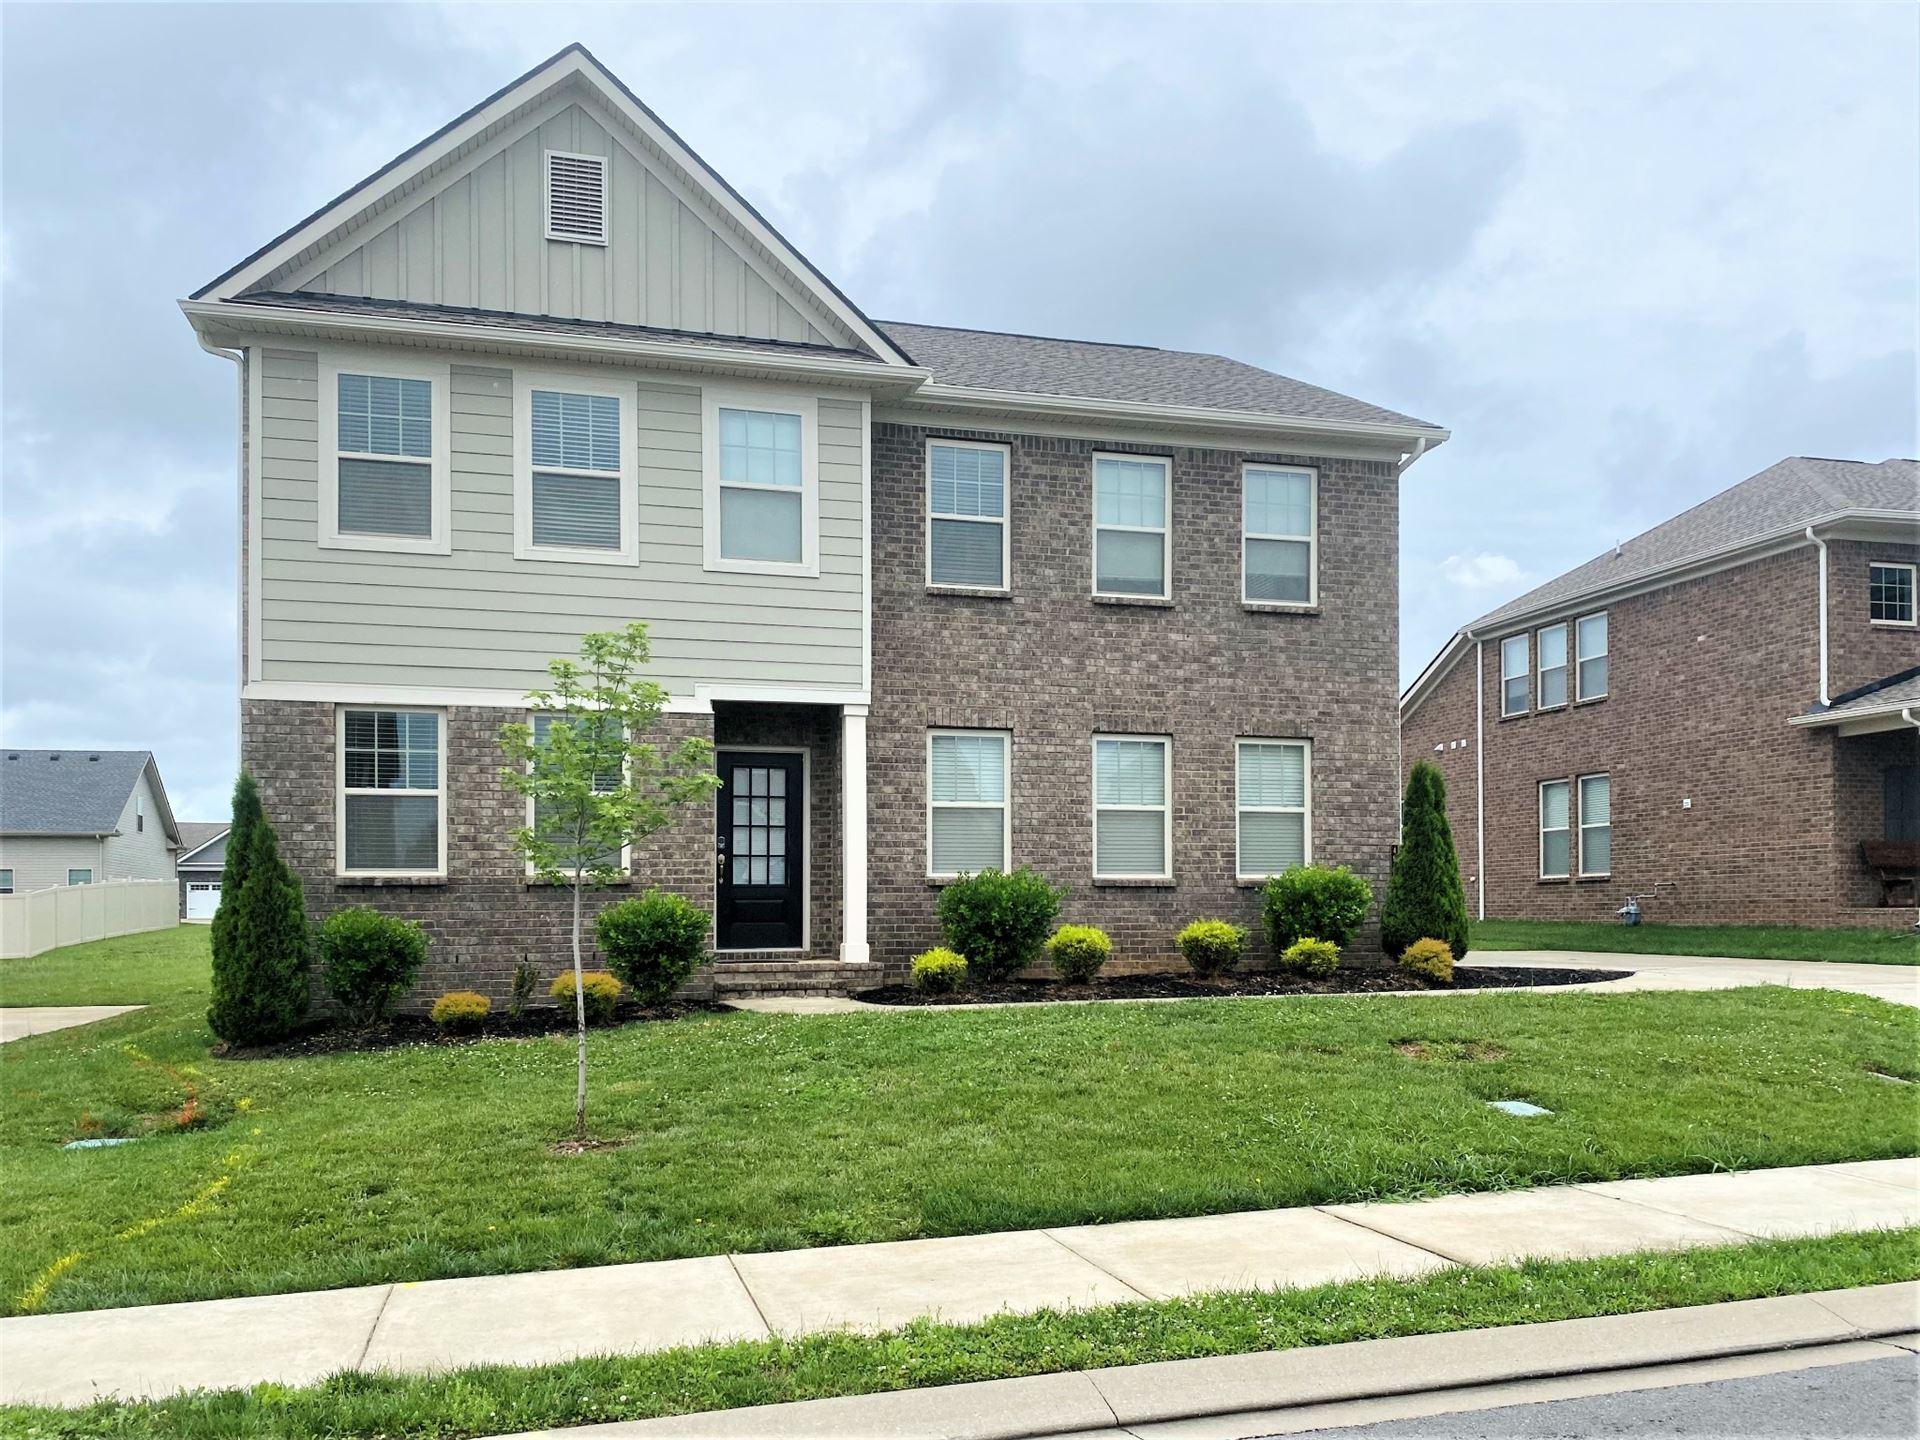 4914 Kingdom Dr, Murfreesboro, TN 37128 - MLS#: 2261711